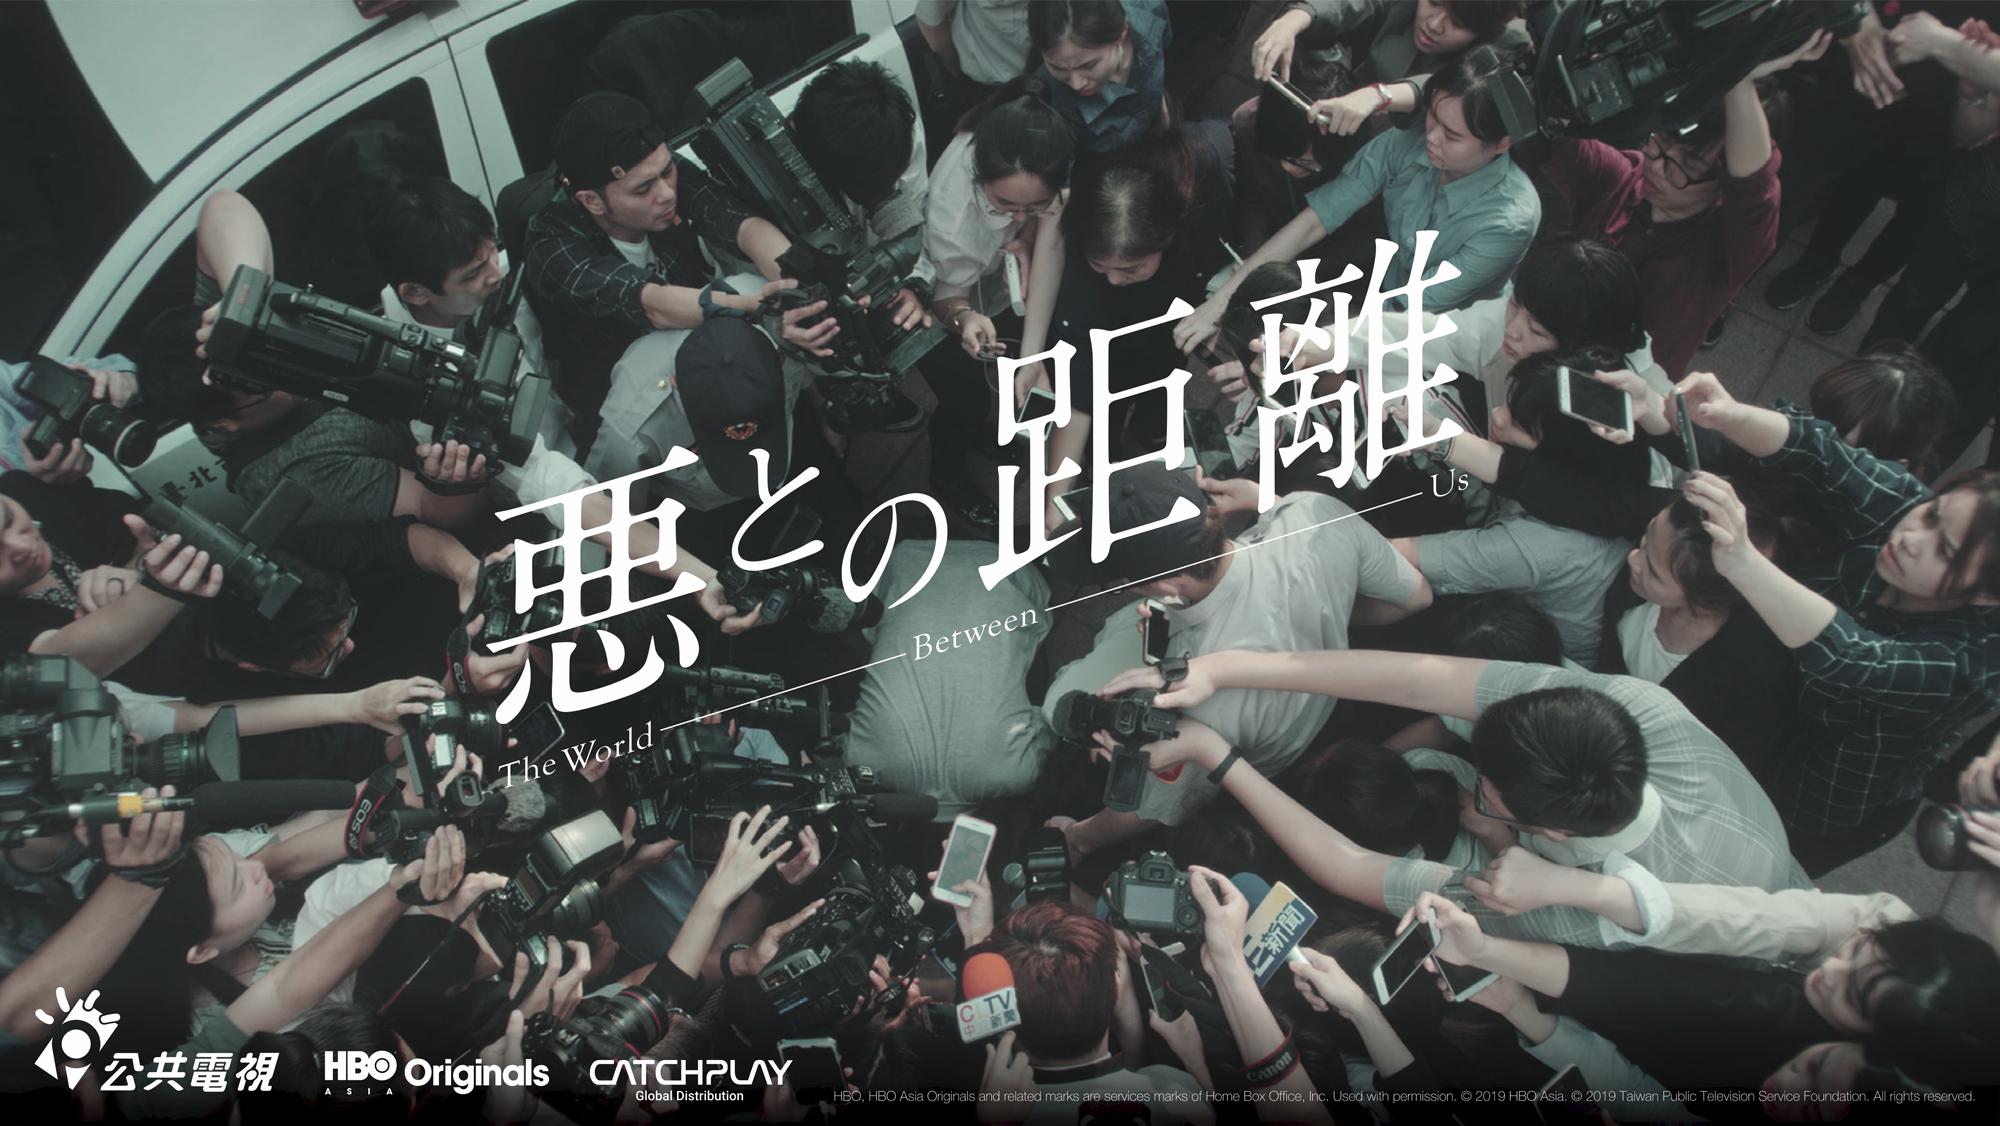 台湾ドラマ『悪との距離』:日本人が選ぶ台湾の「素敵な奥さん」ランキング